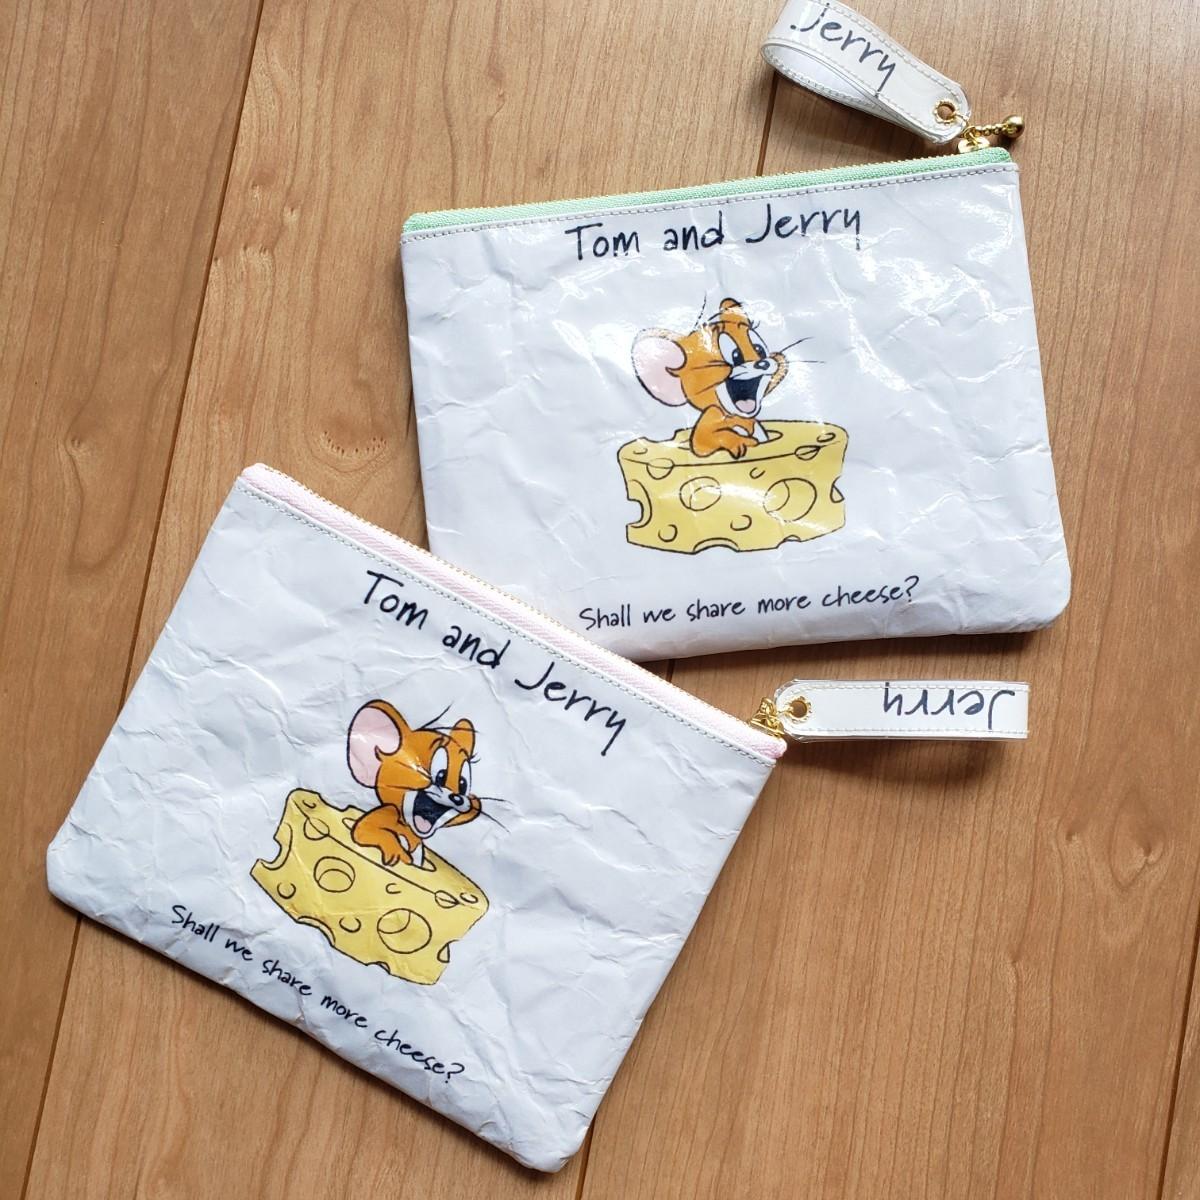 ハンドメイド 紙袋リメイクポーチ トムとジェリー トムジェリ ぺたんこポーチ 小物ポーチ 通帳ケース 通帳ポーチ フラットポーチ